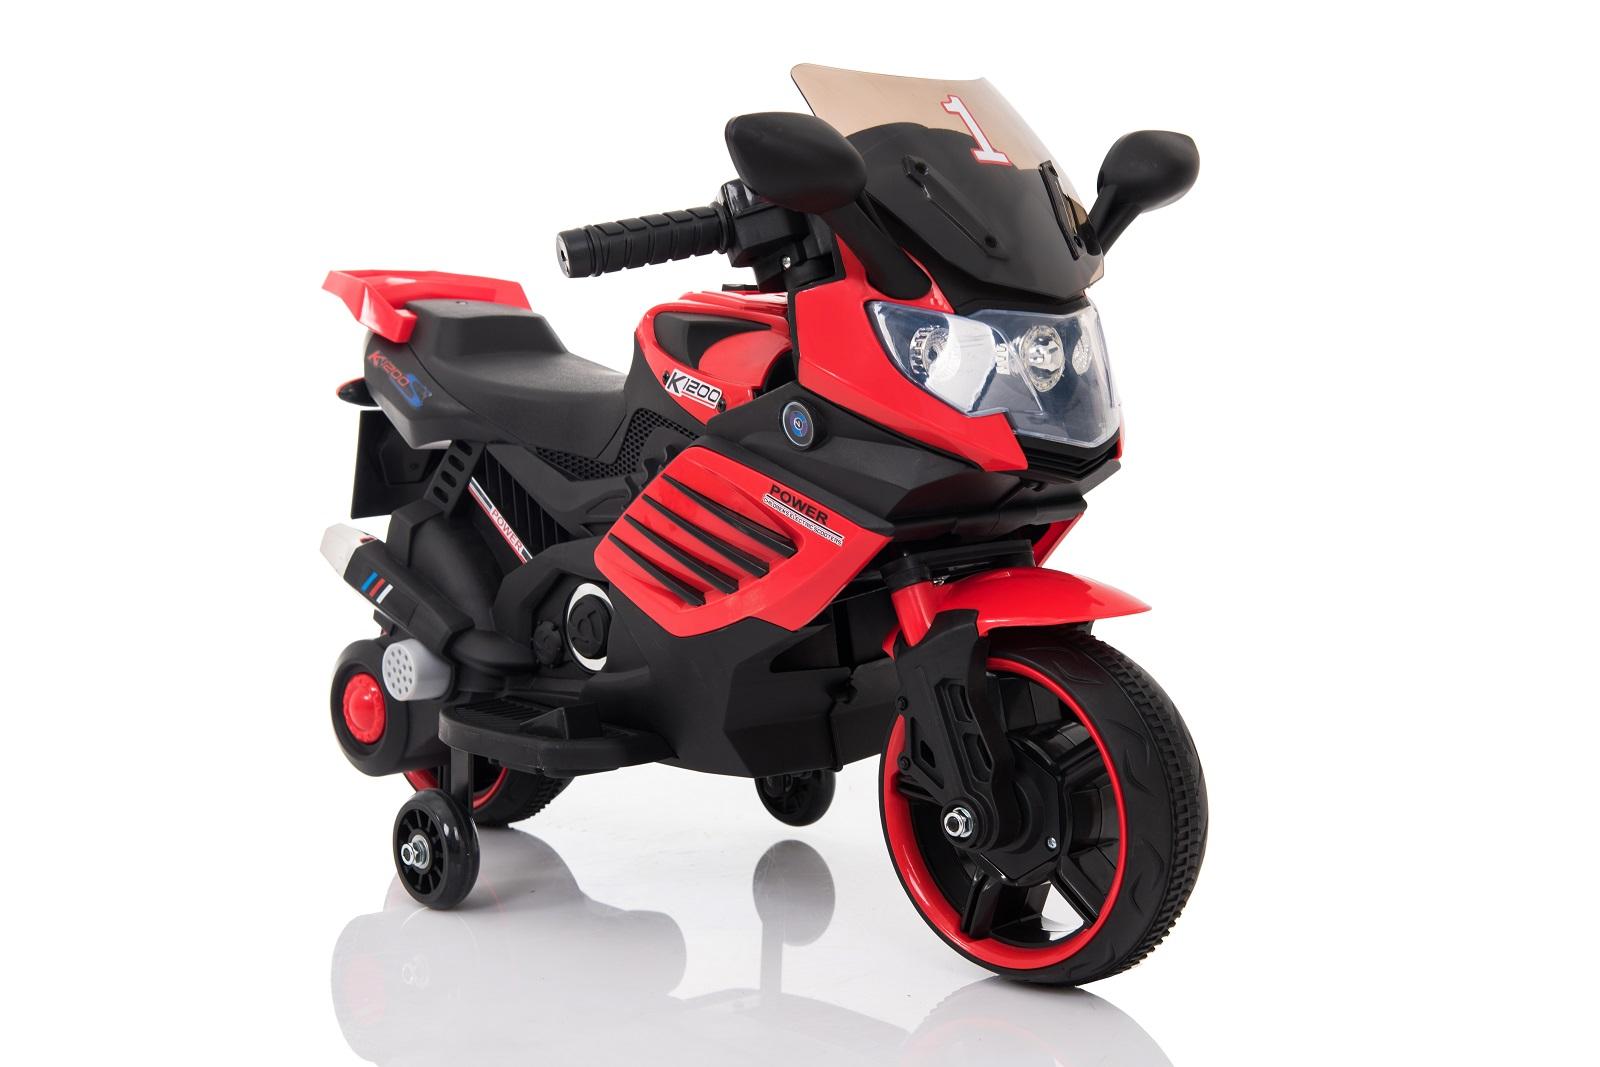 k1200 motorrad mit st tzr dern elektro fahrzeuge f r kinder elektro autos zum aufsitzen